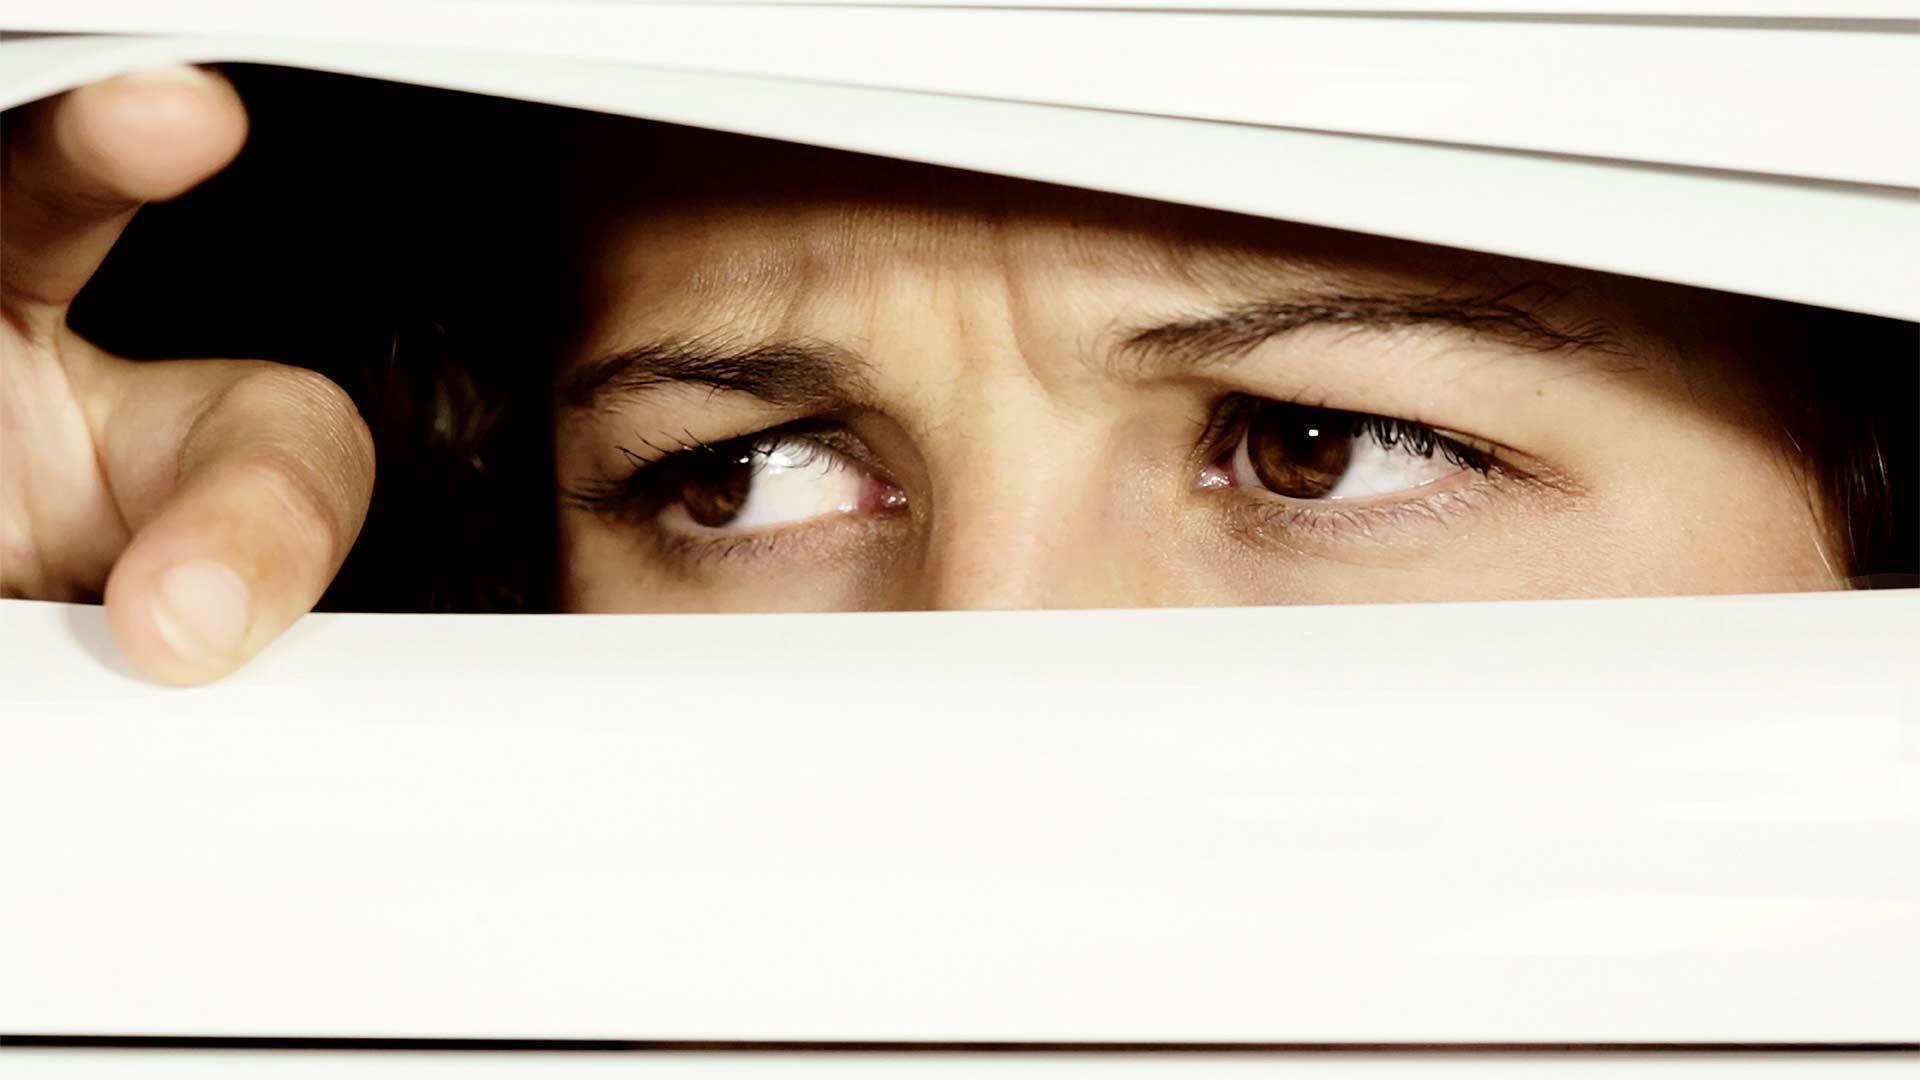 Peeking through a blind